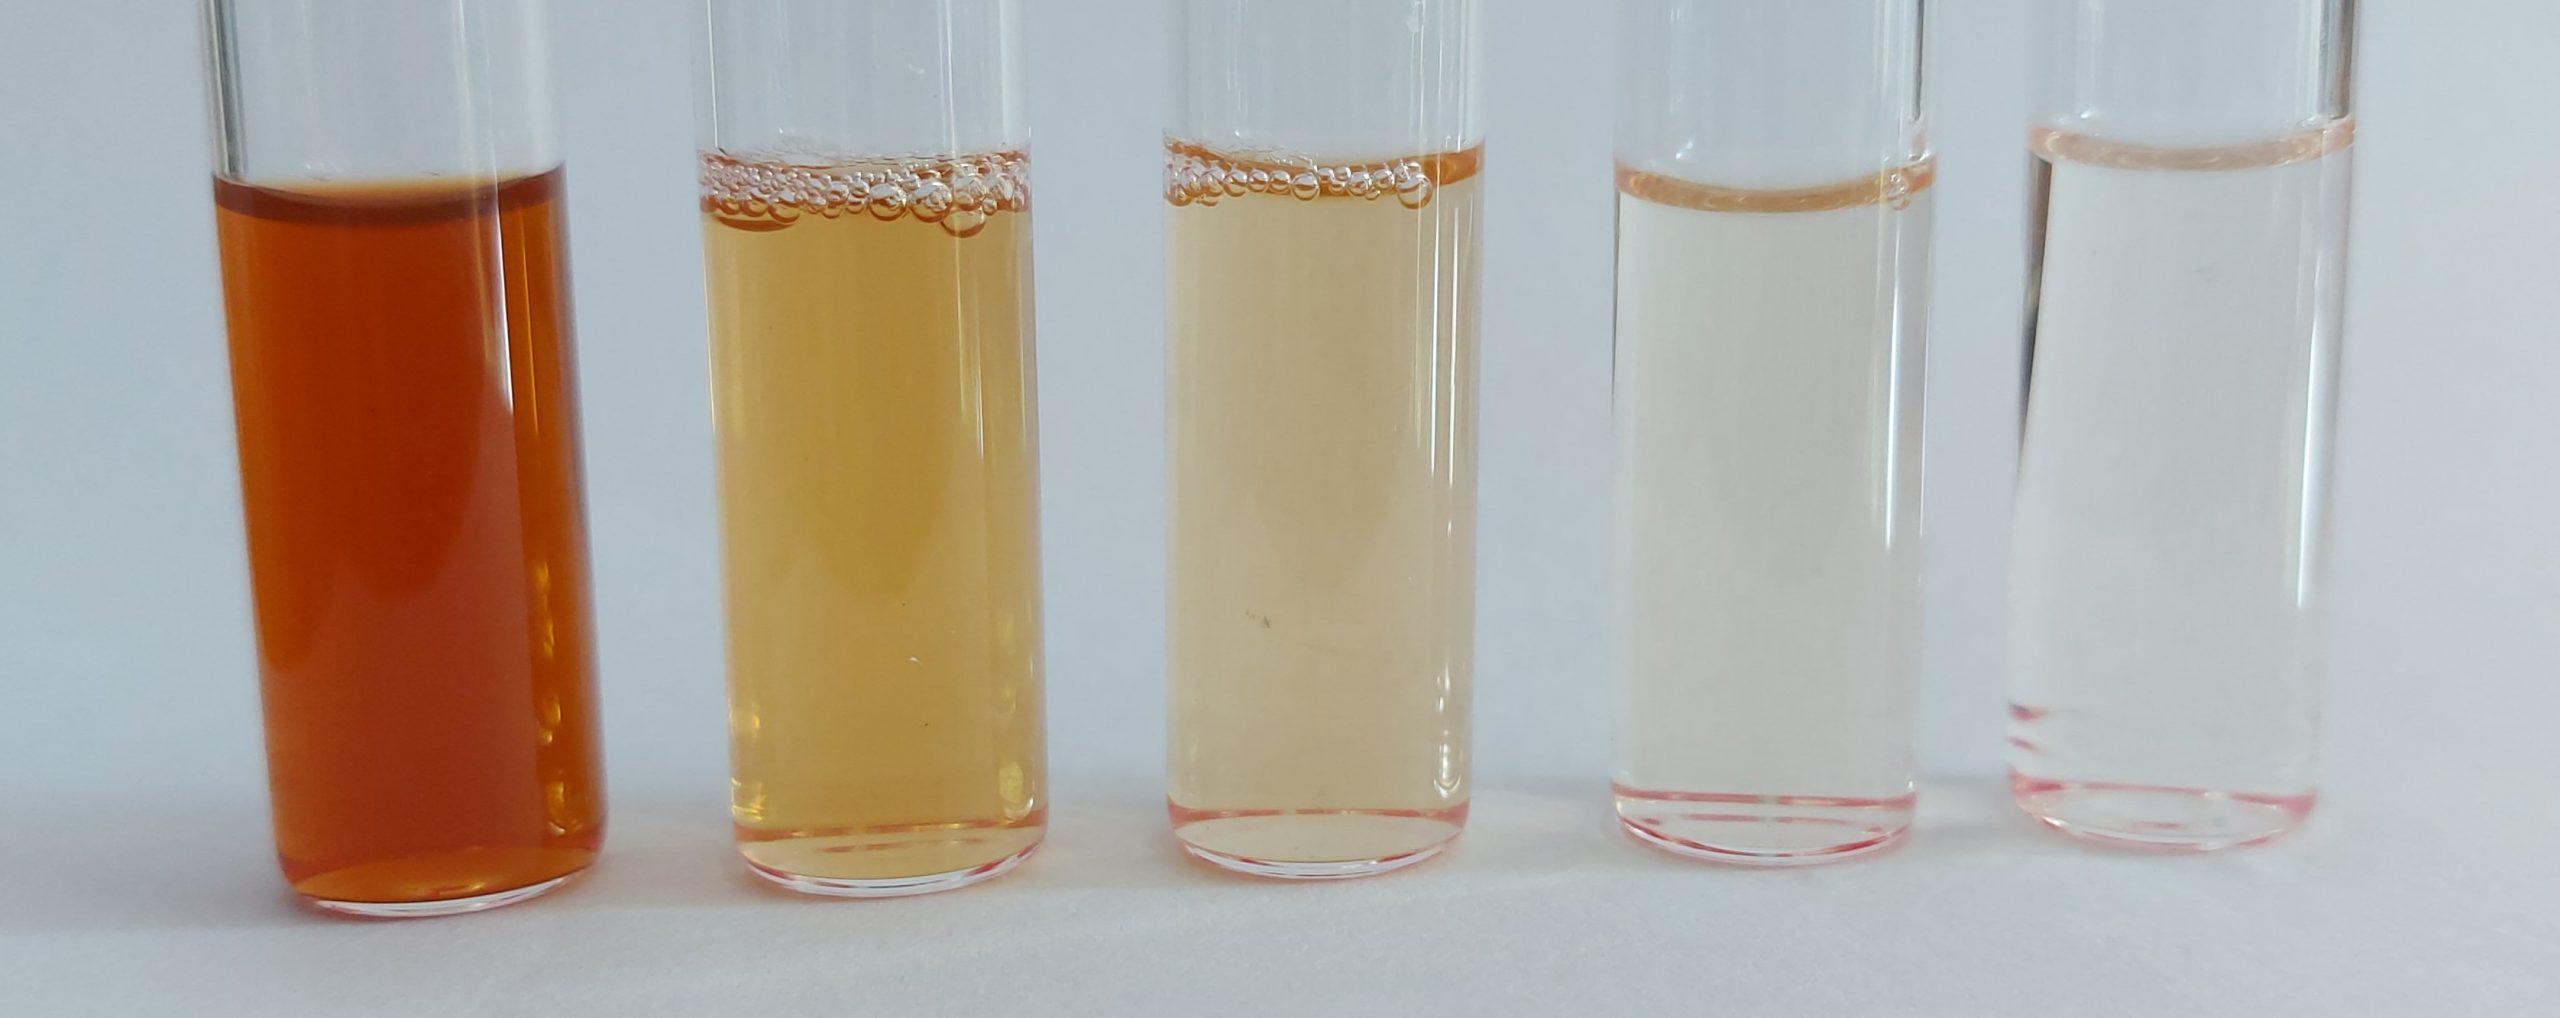 Dung dịch nano Bạc 1000 500 250 50 25 10 5 ppm